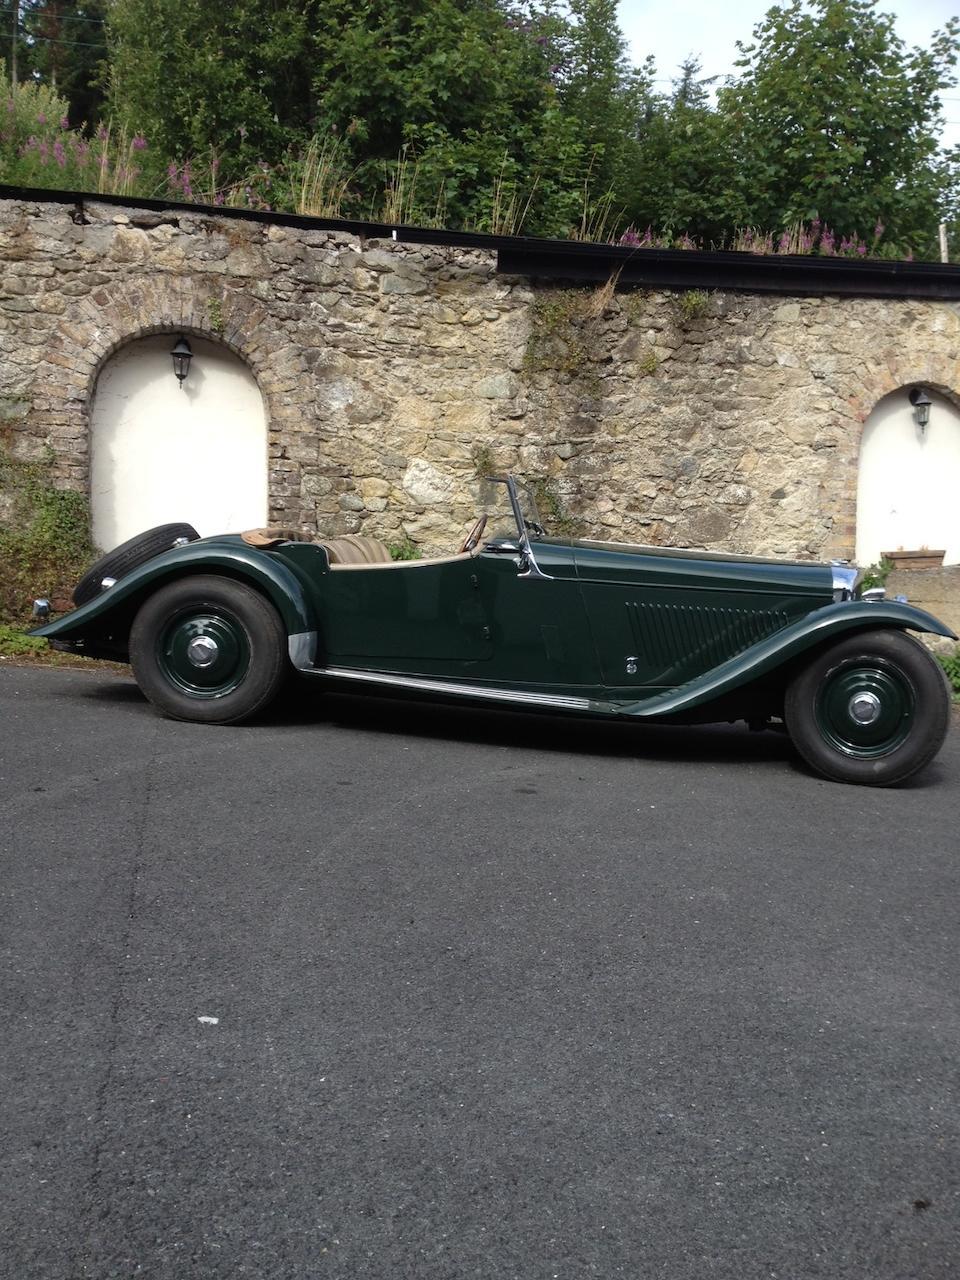 1949 Bentley Mark VI/S1 4.9 litre Mallalieu 'Oxford' Sports Two-seater  Chassis no. B368DA Engine no. BC342